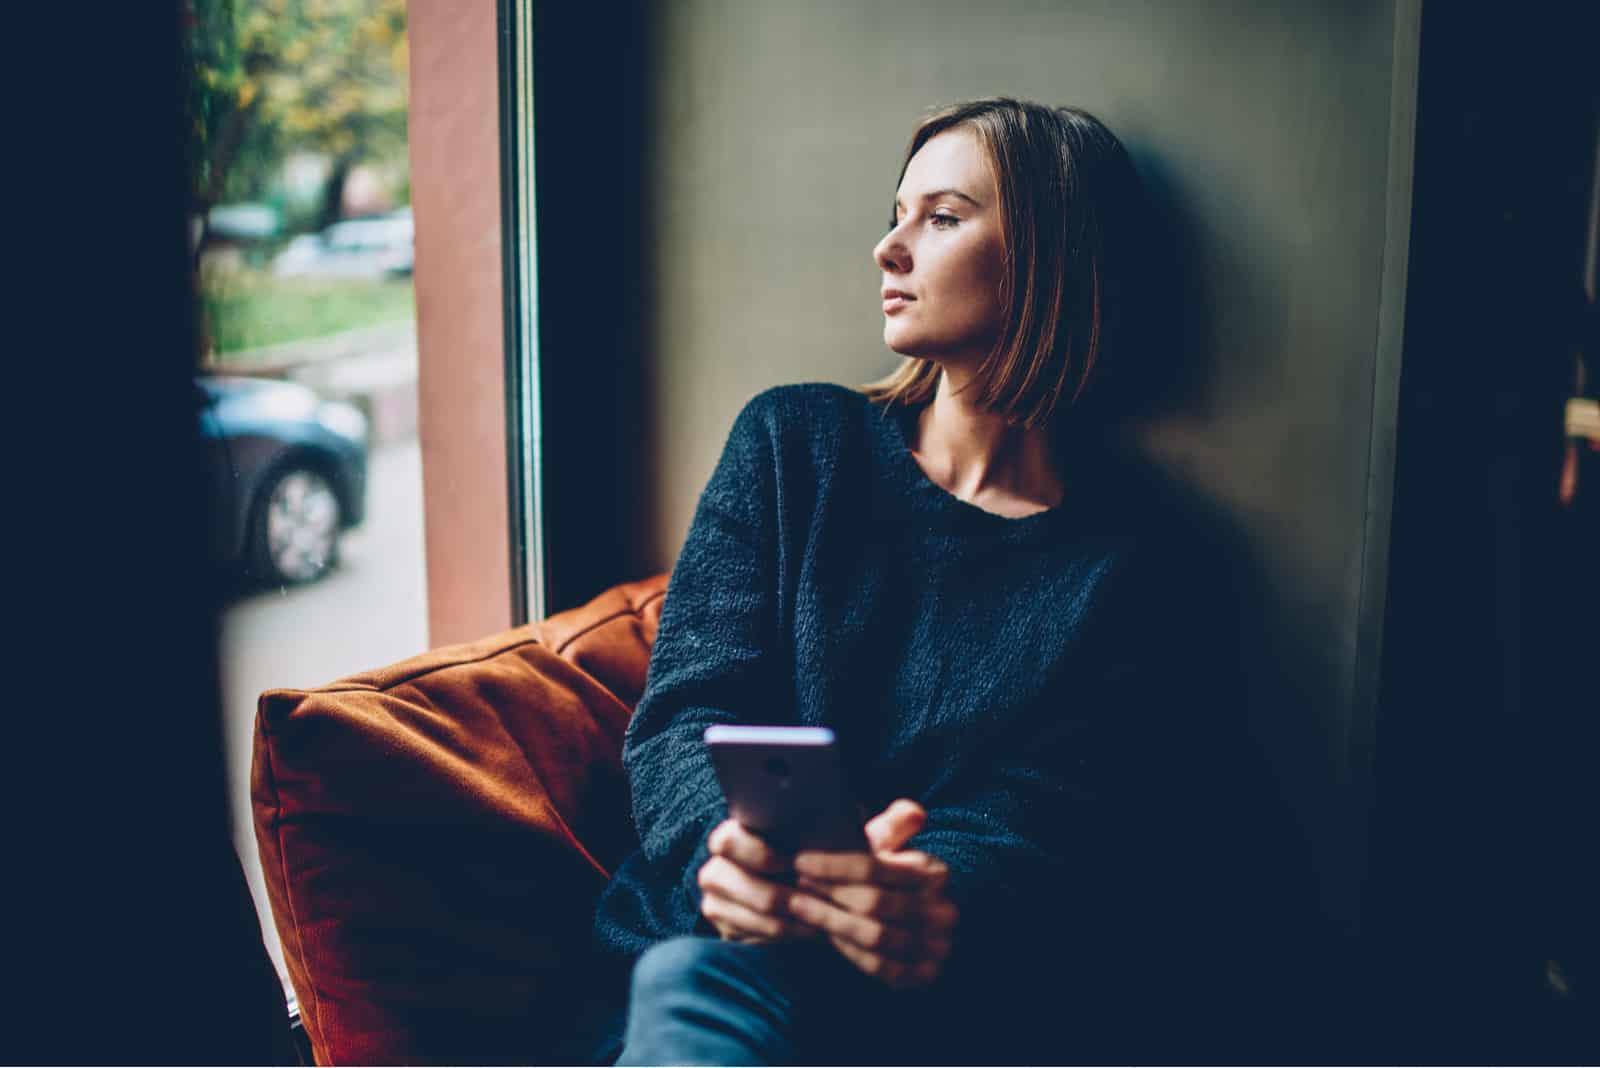 une femme imaginaire est assise avec un téléphone à la main et regarde au loin